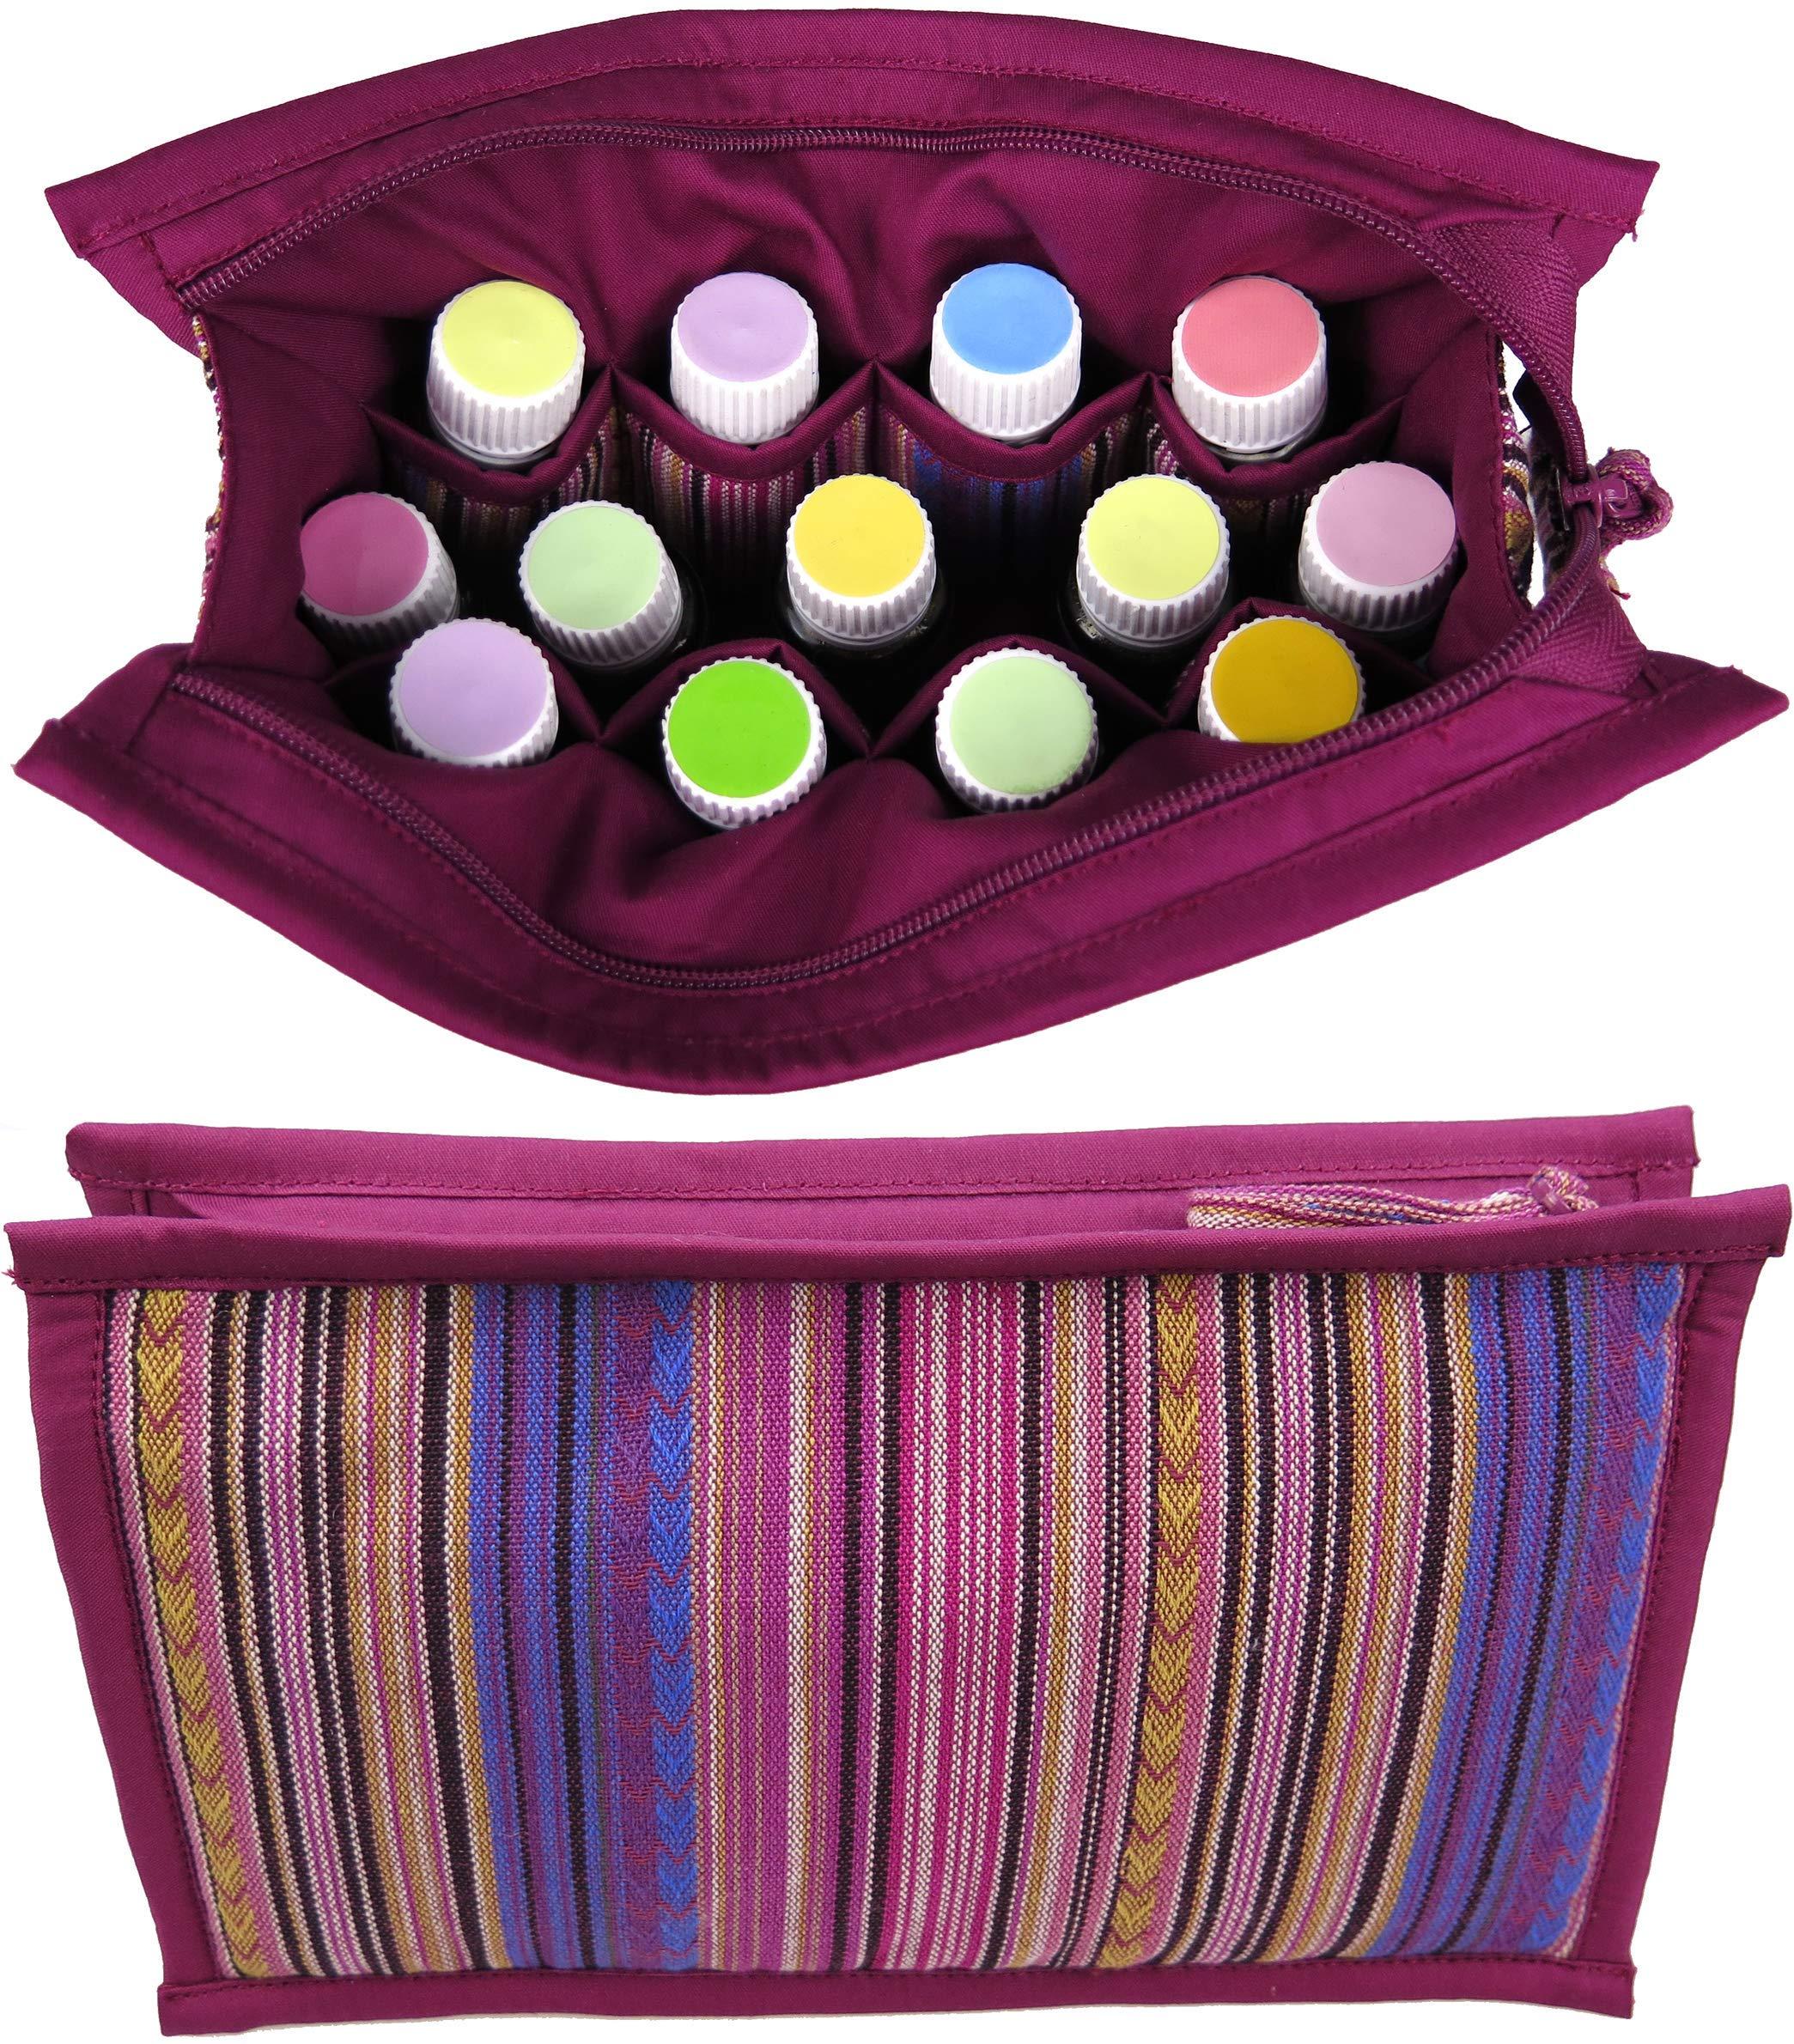 大型のエッセンシャルオイルスーツケースには、12:5mL  -  10mL  -  15mLのオイルとローラーボトル用芳香剤*旅行用バッグ - 女性用 - 子供用エッセンシャルオイル収納バッグ(パープルレッド)幅8.5インチx 5インチ